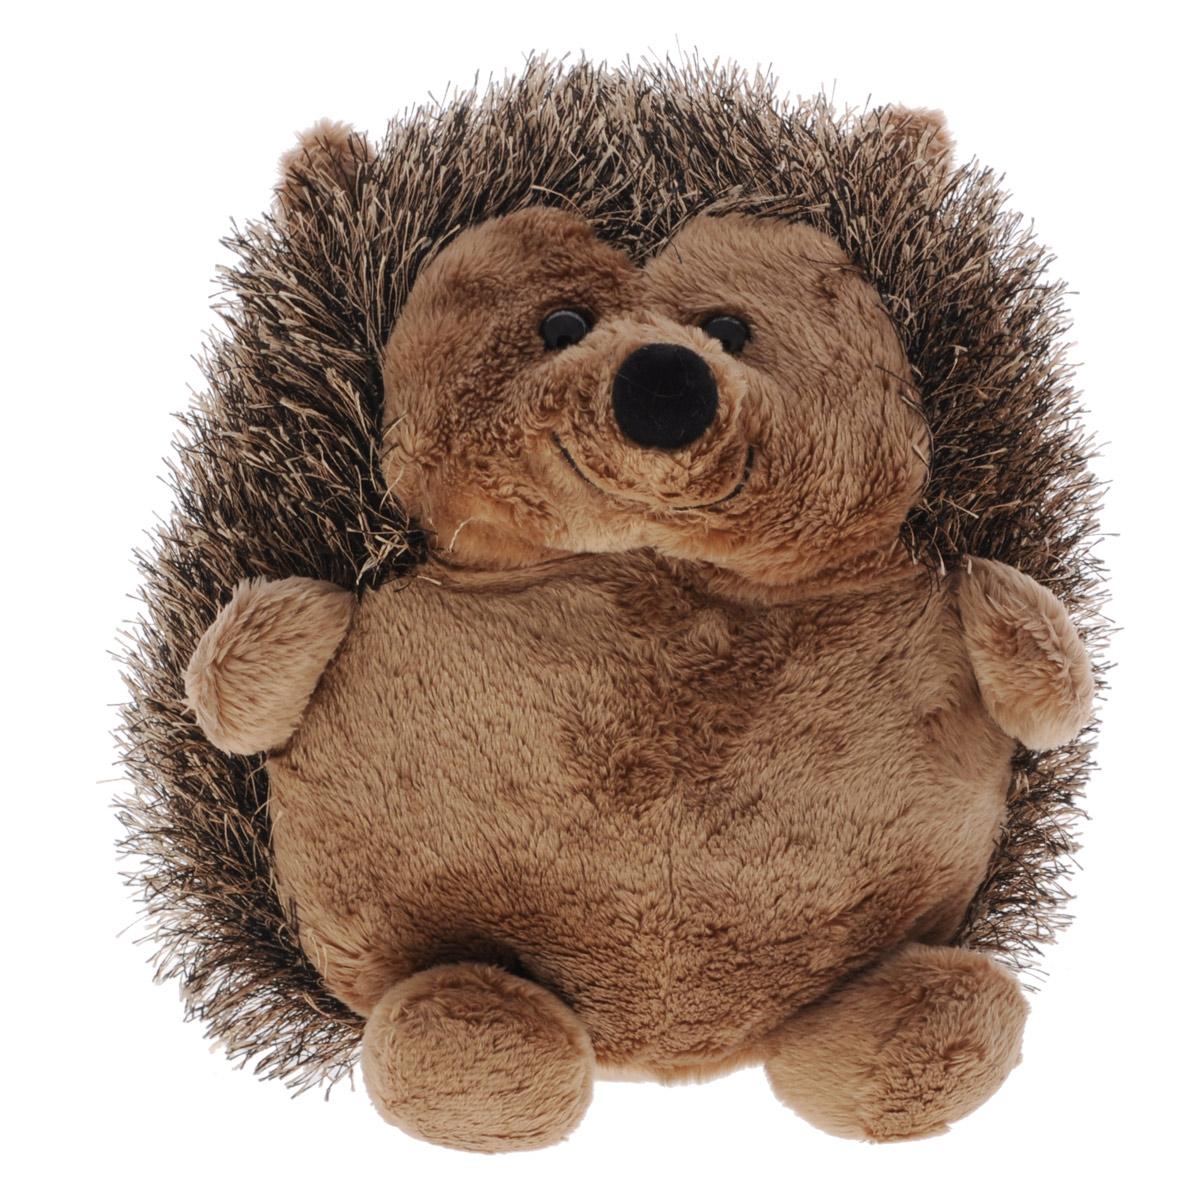 картинки медведя зайца ежика игрушек деле бассейн это